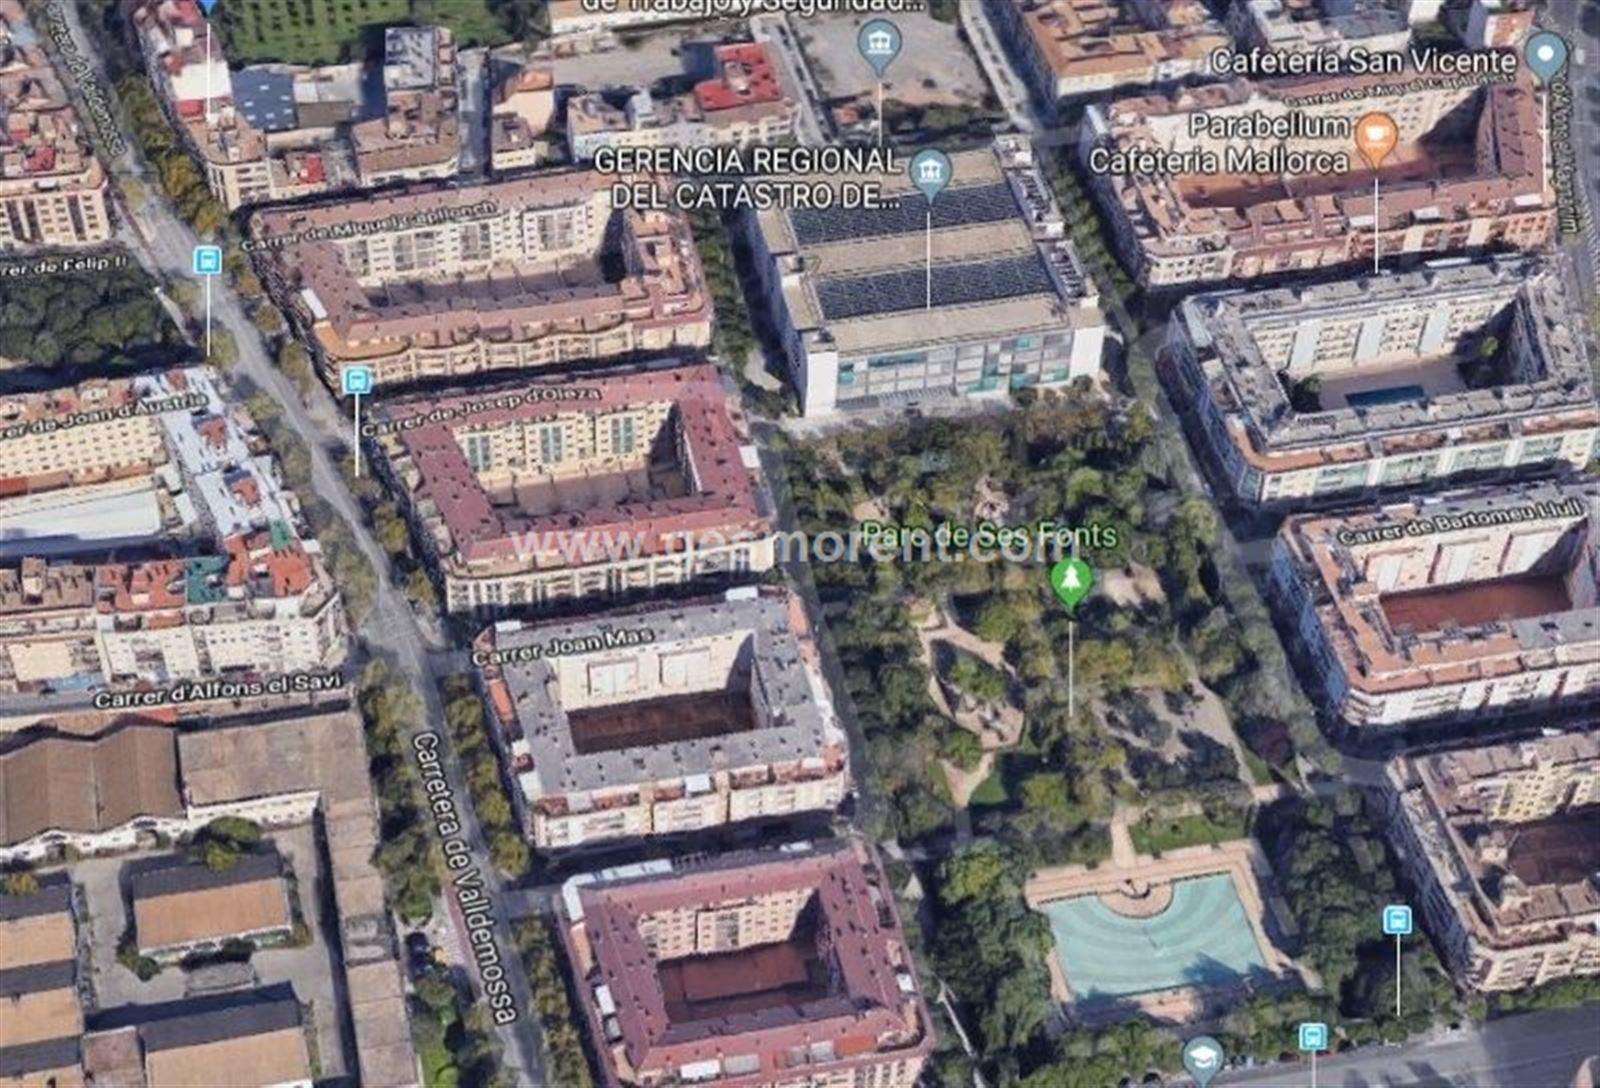 Parking coche  Palma de mallorca - camp redo. Se vende plaza de parking en parc de ses fonts.